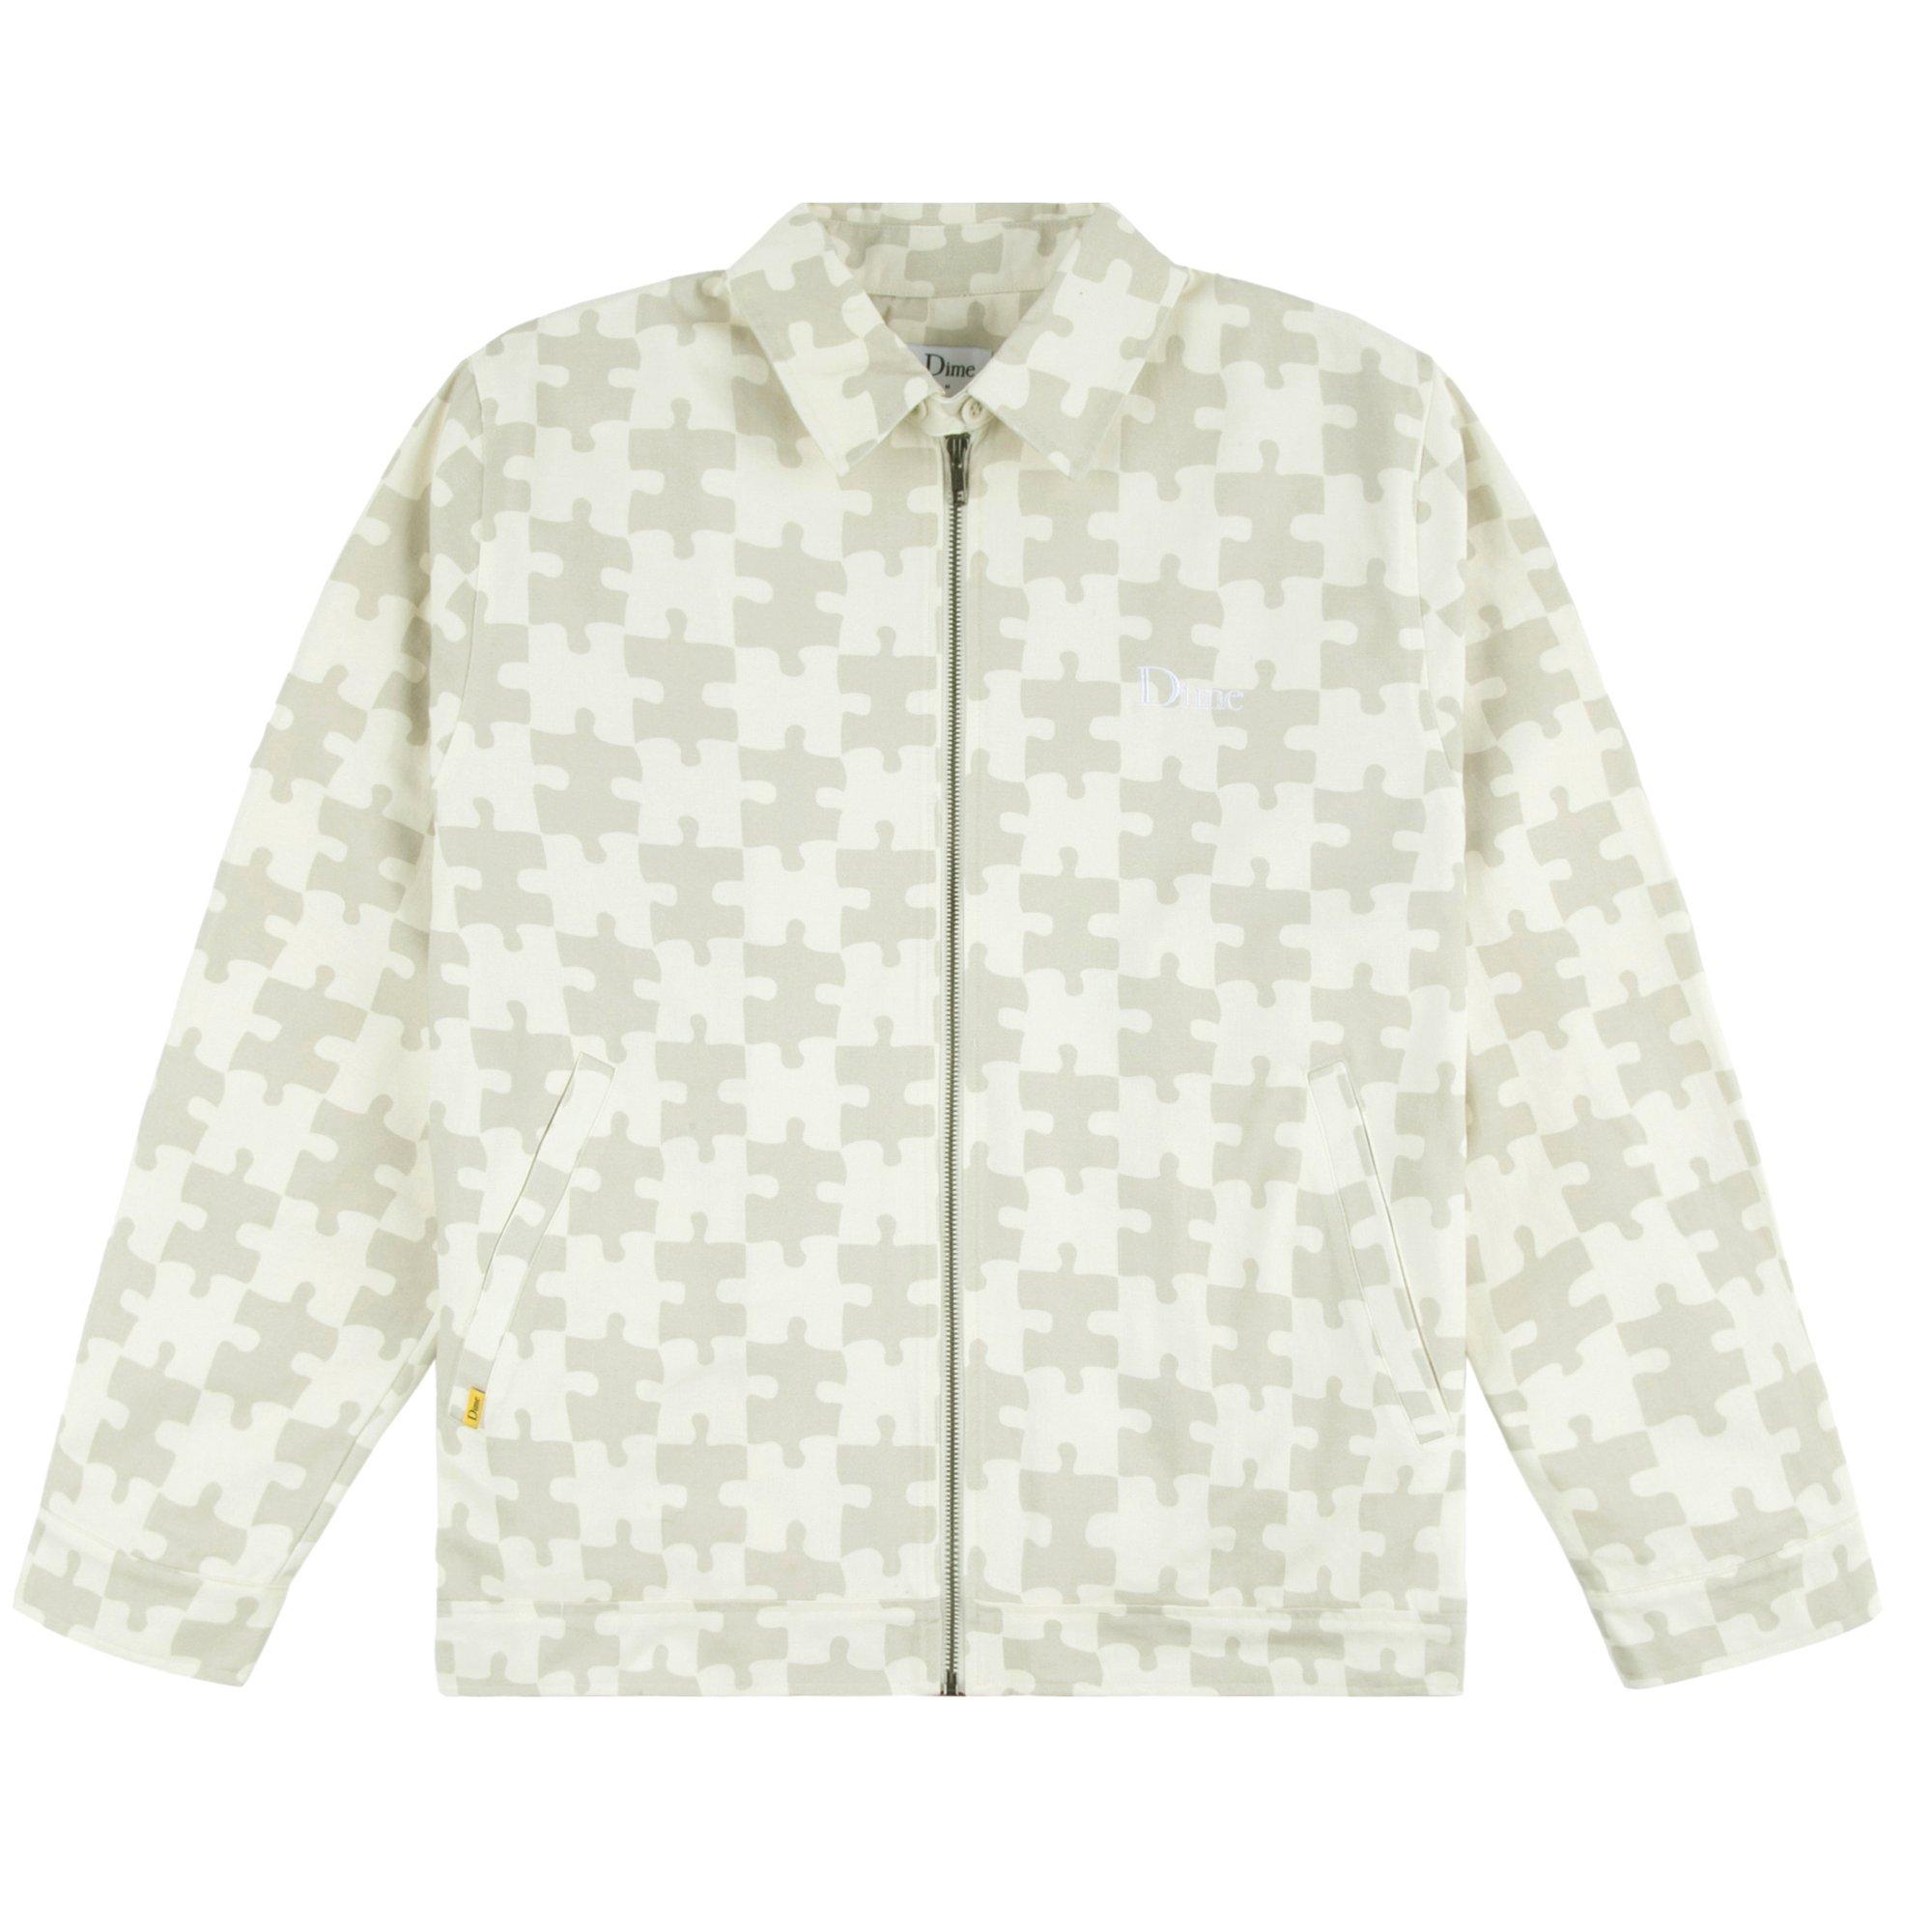 Cutnsew Summer21 Puzzlejacket Cream 1 2000×2000